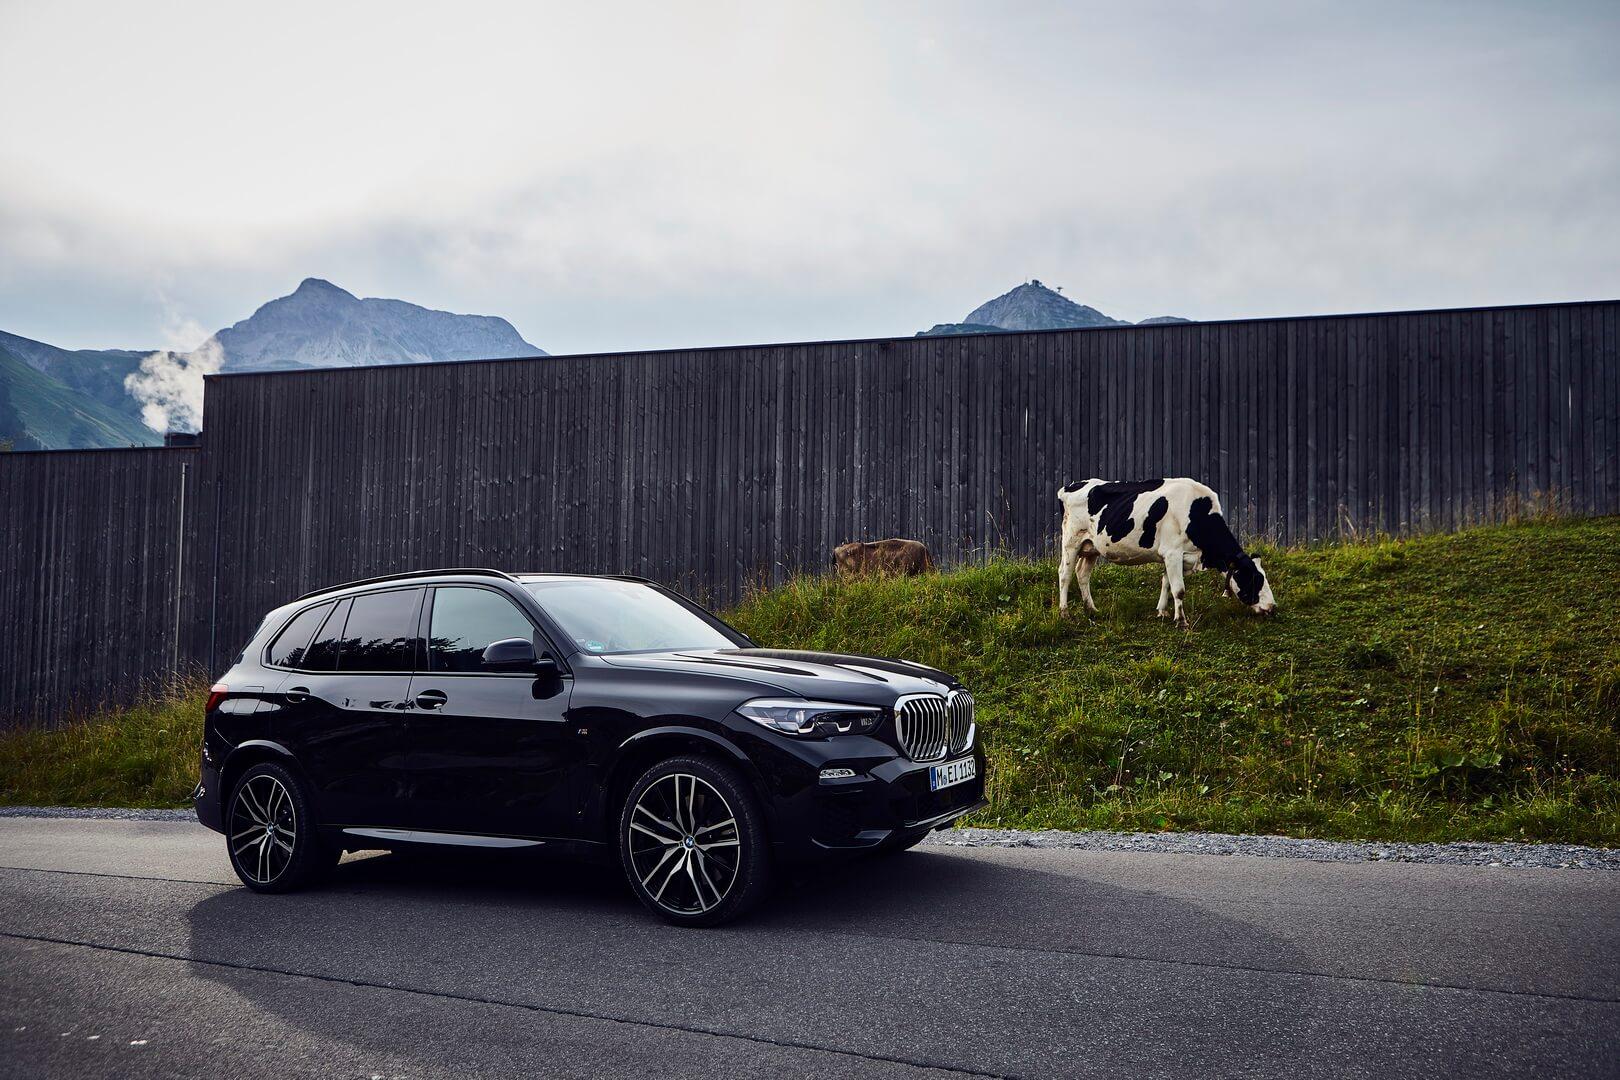 Плагин-гибрид BMW X5 xDrive45e